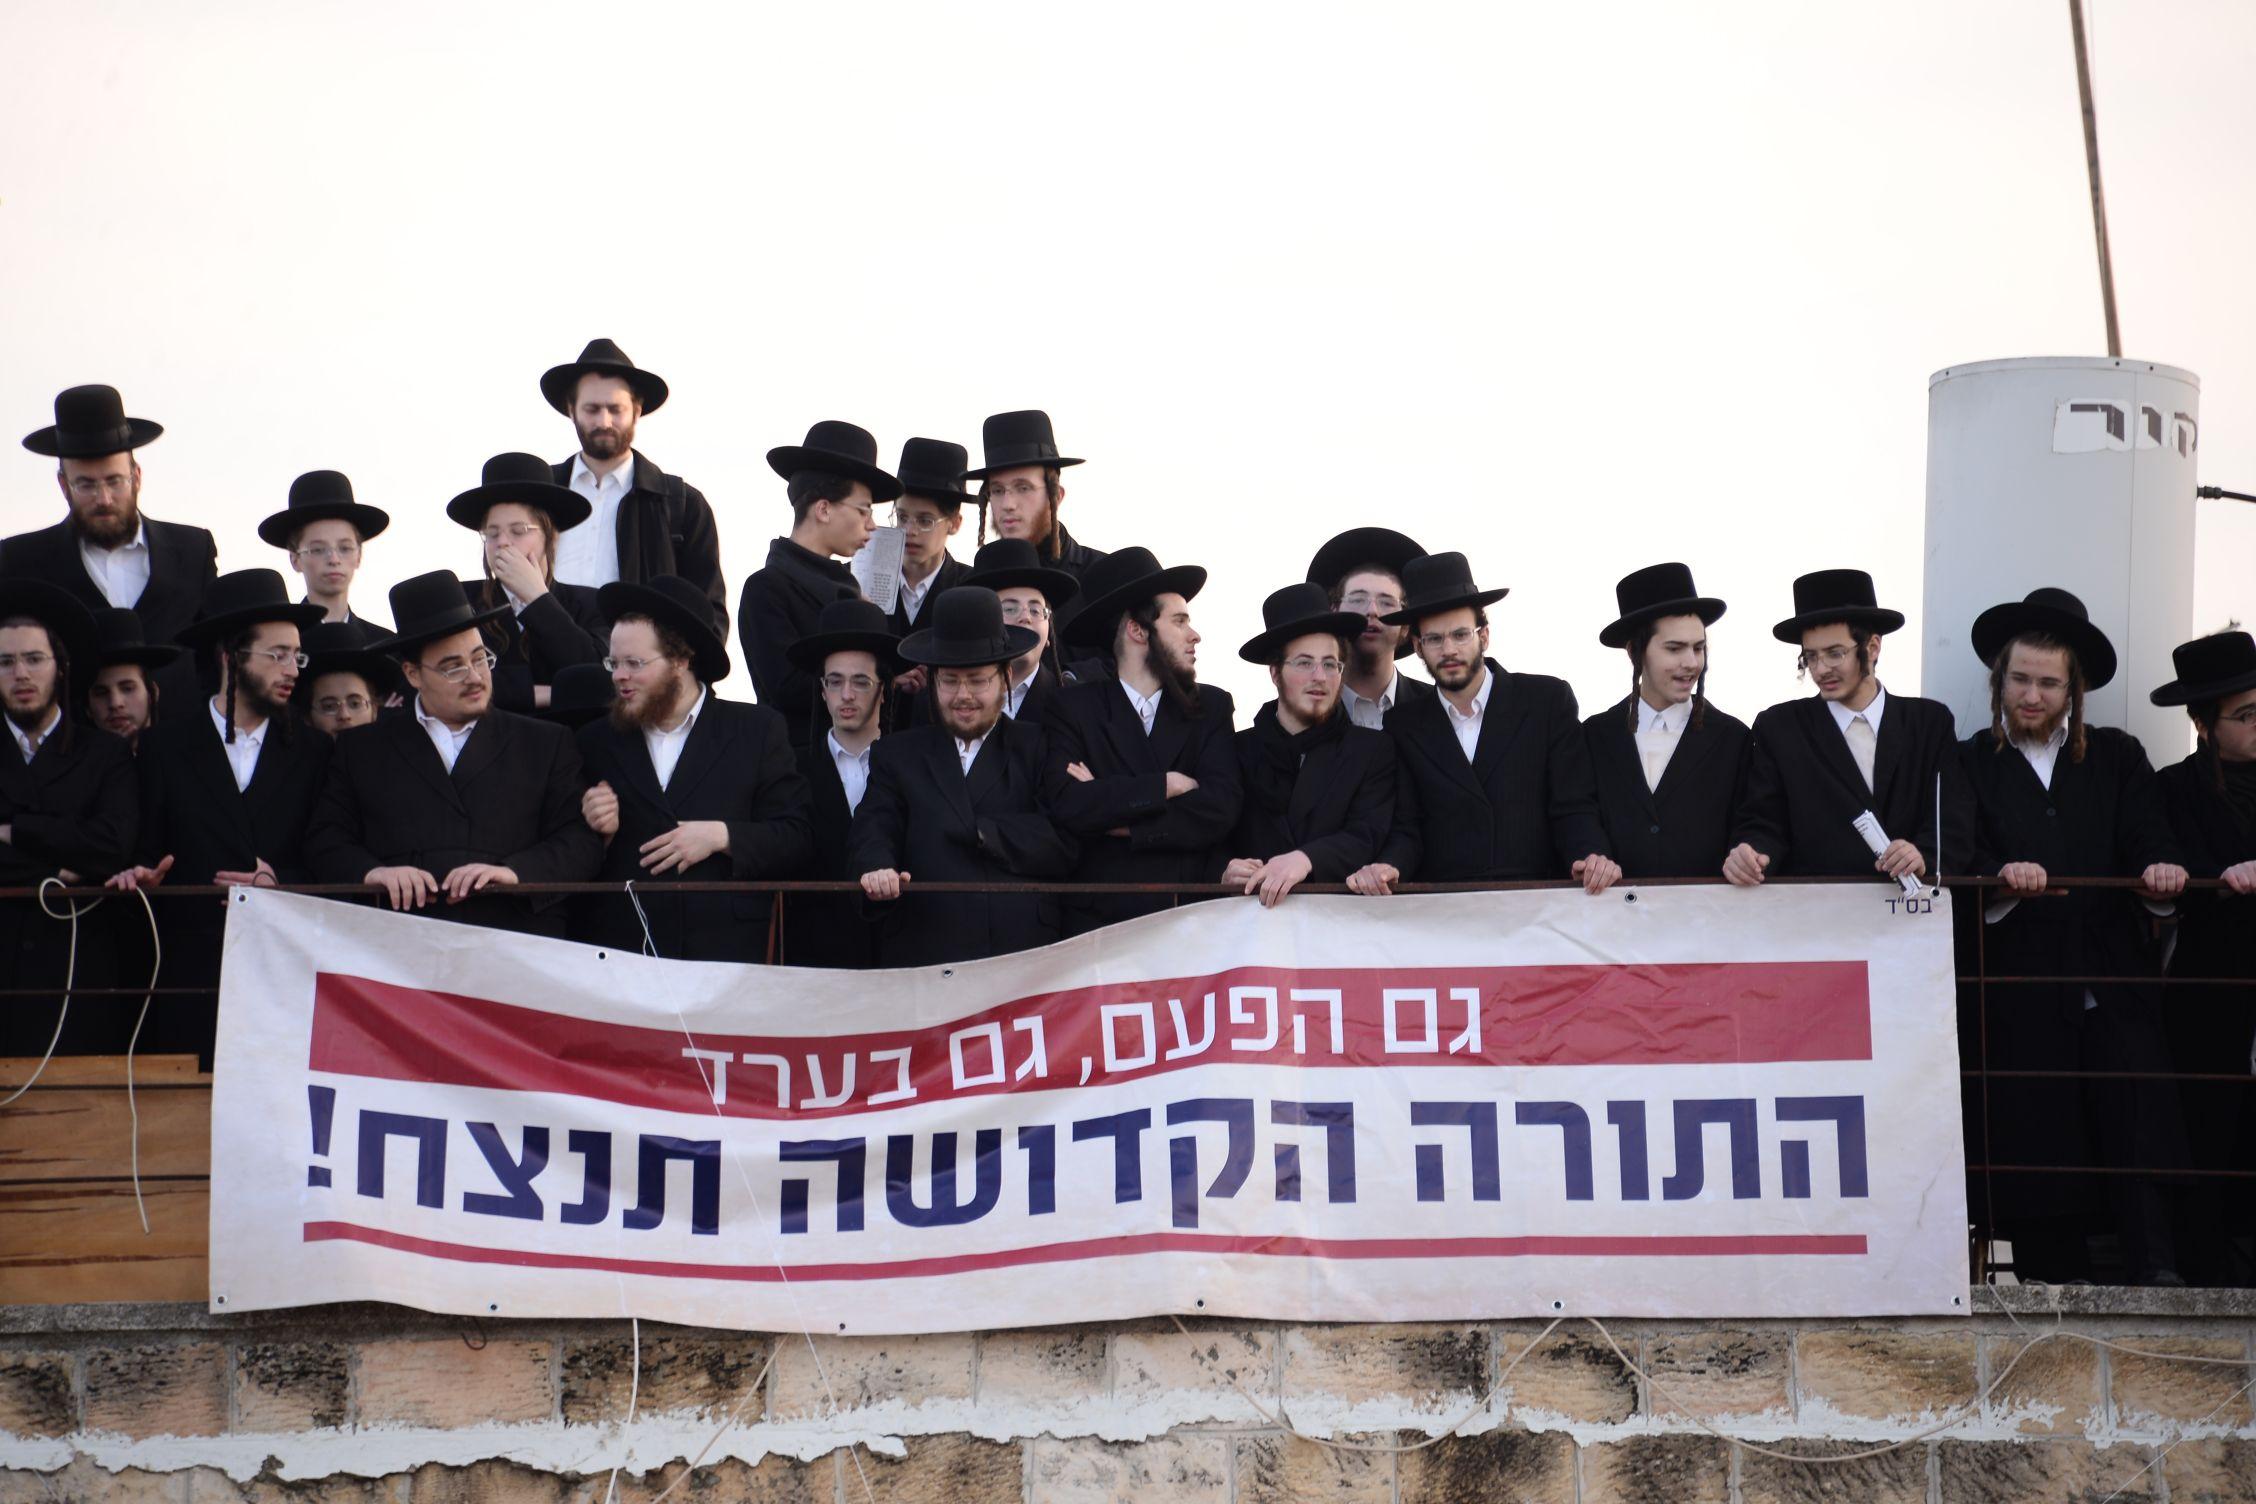 מחאת גור בירושלים: התיעוד של שוקי לרר